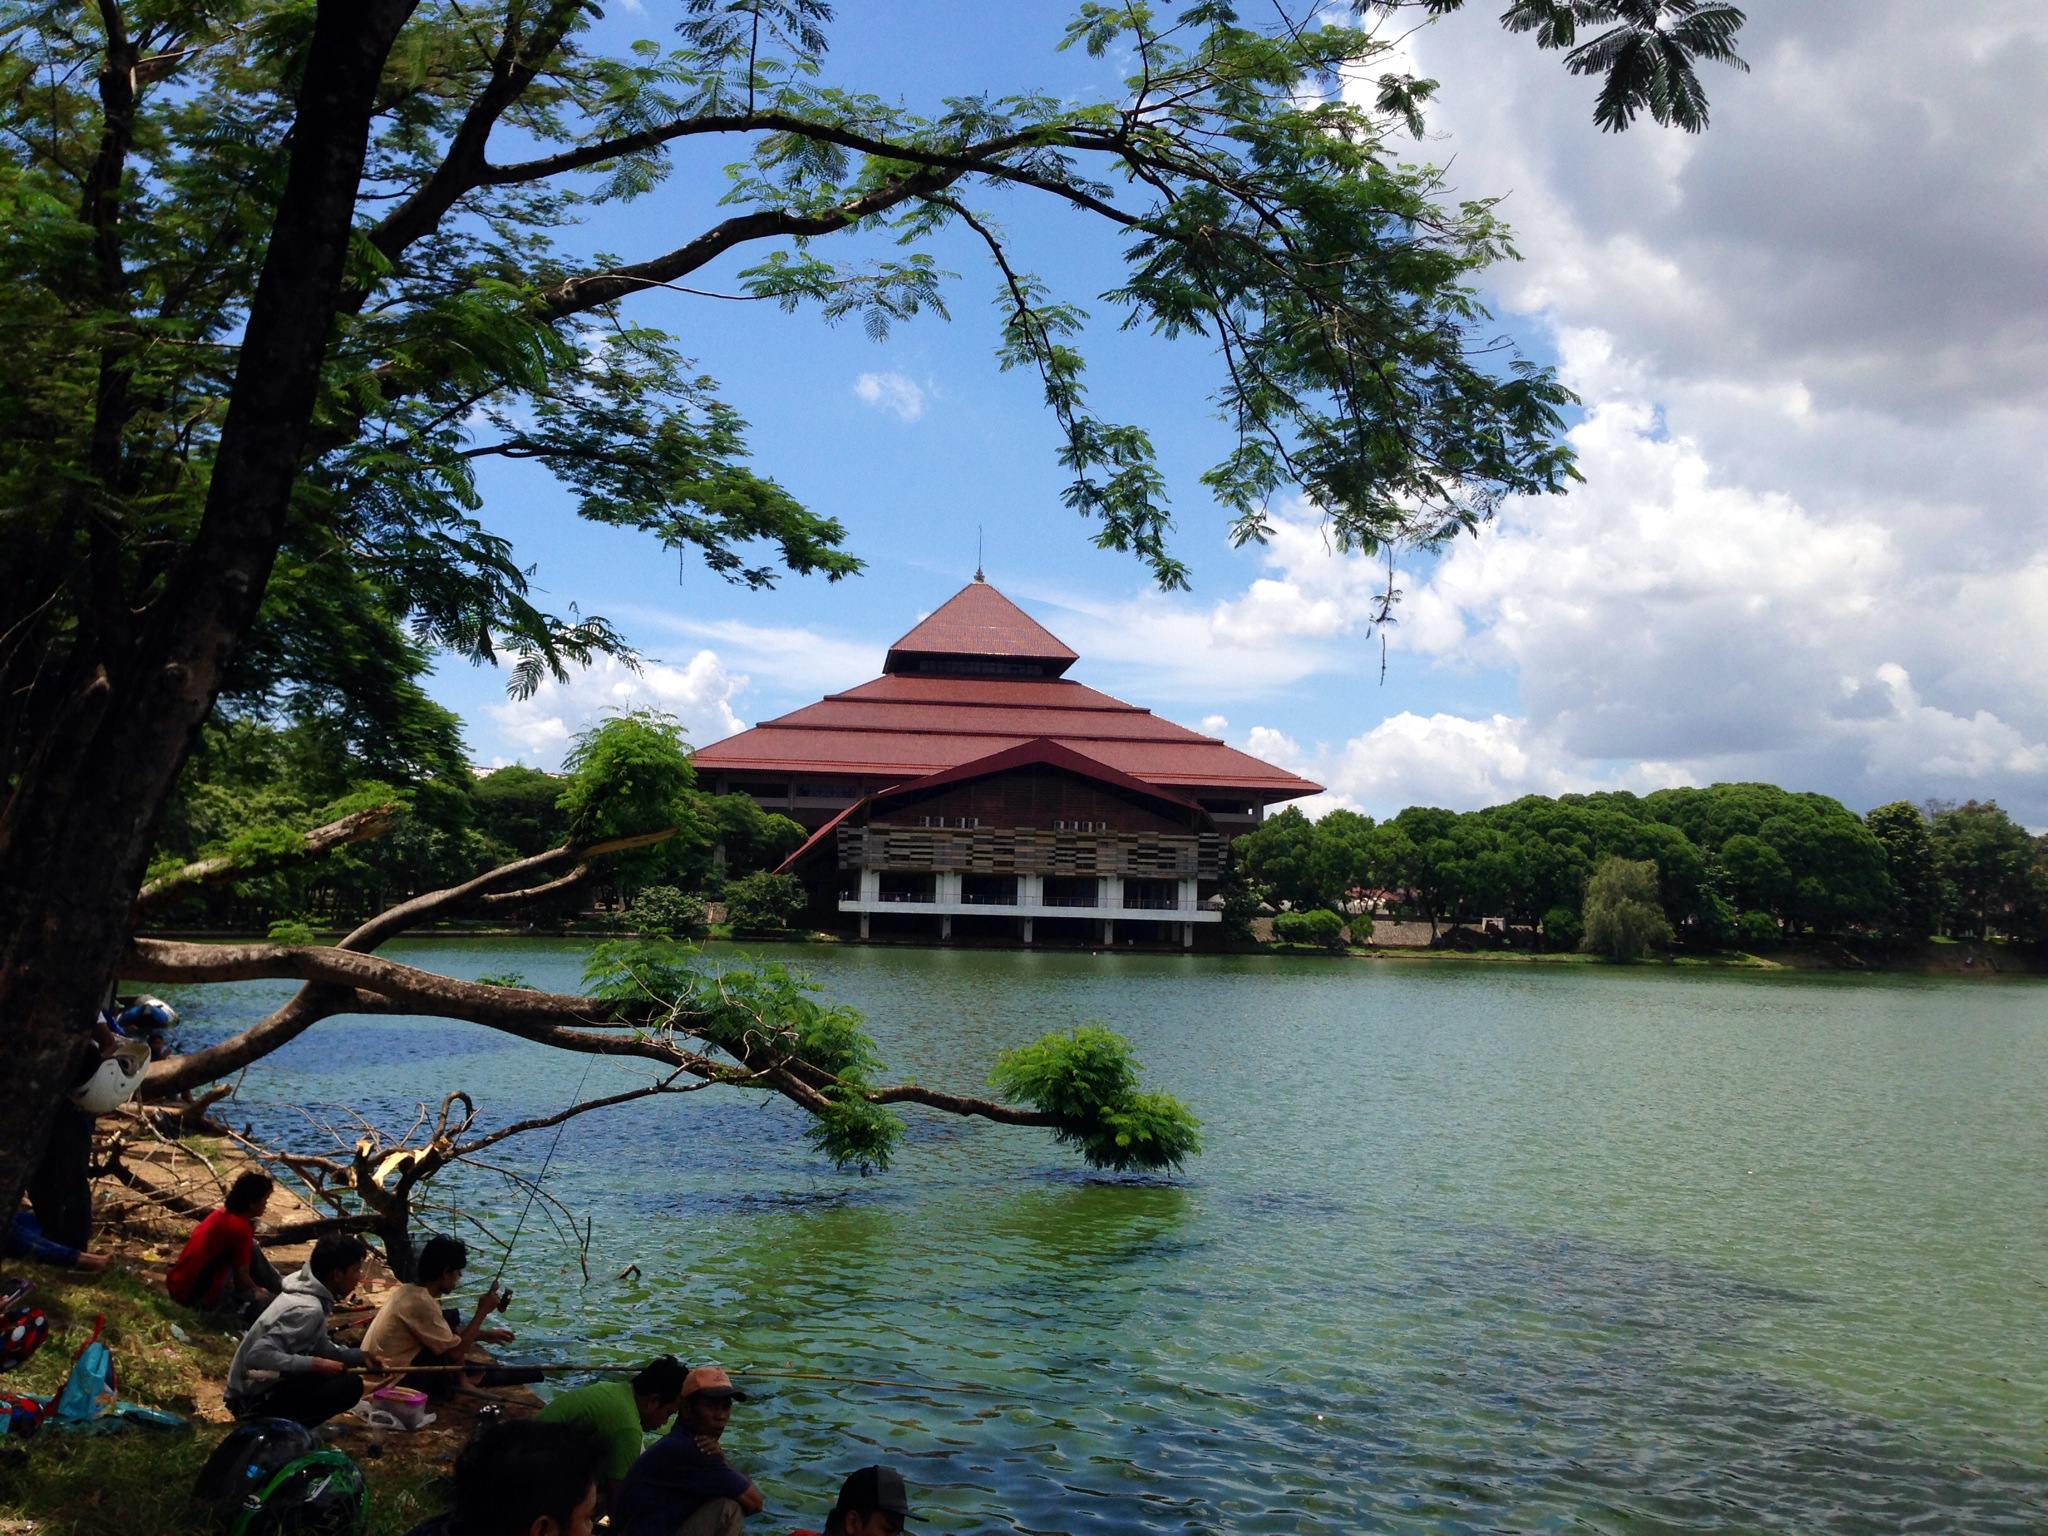 Serenity At Campus Ui Kisahku Buah Matoa Di Kompleks Kampus Universitas Indonesia Ini Ada 6 Danau Yang Dinamai Dengan Nama Tumbuh Tumbuhan Buatan Dangkal Terbukti Dari Airnya